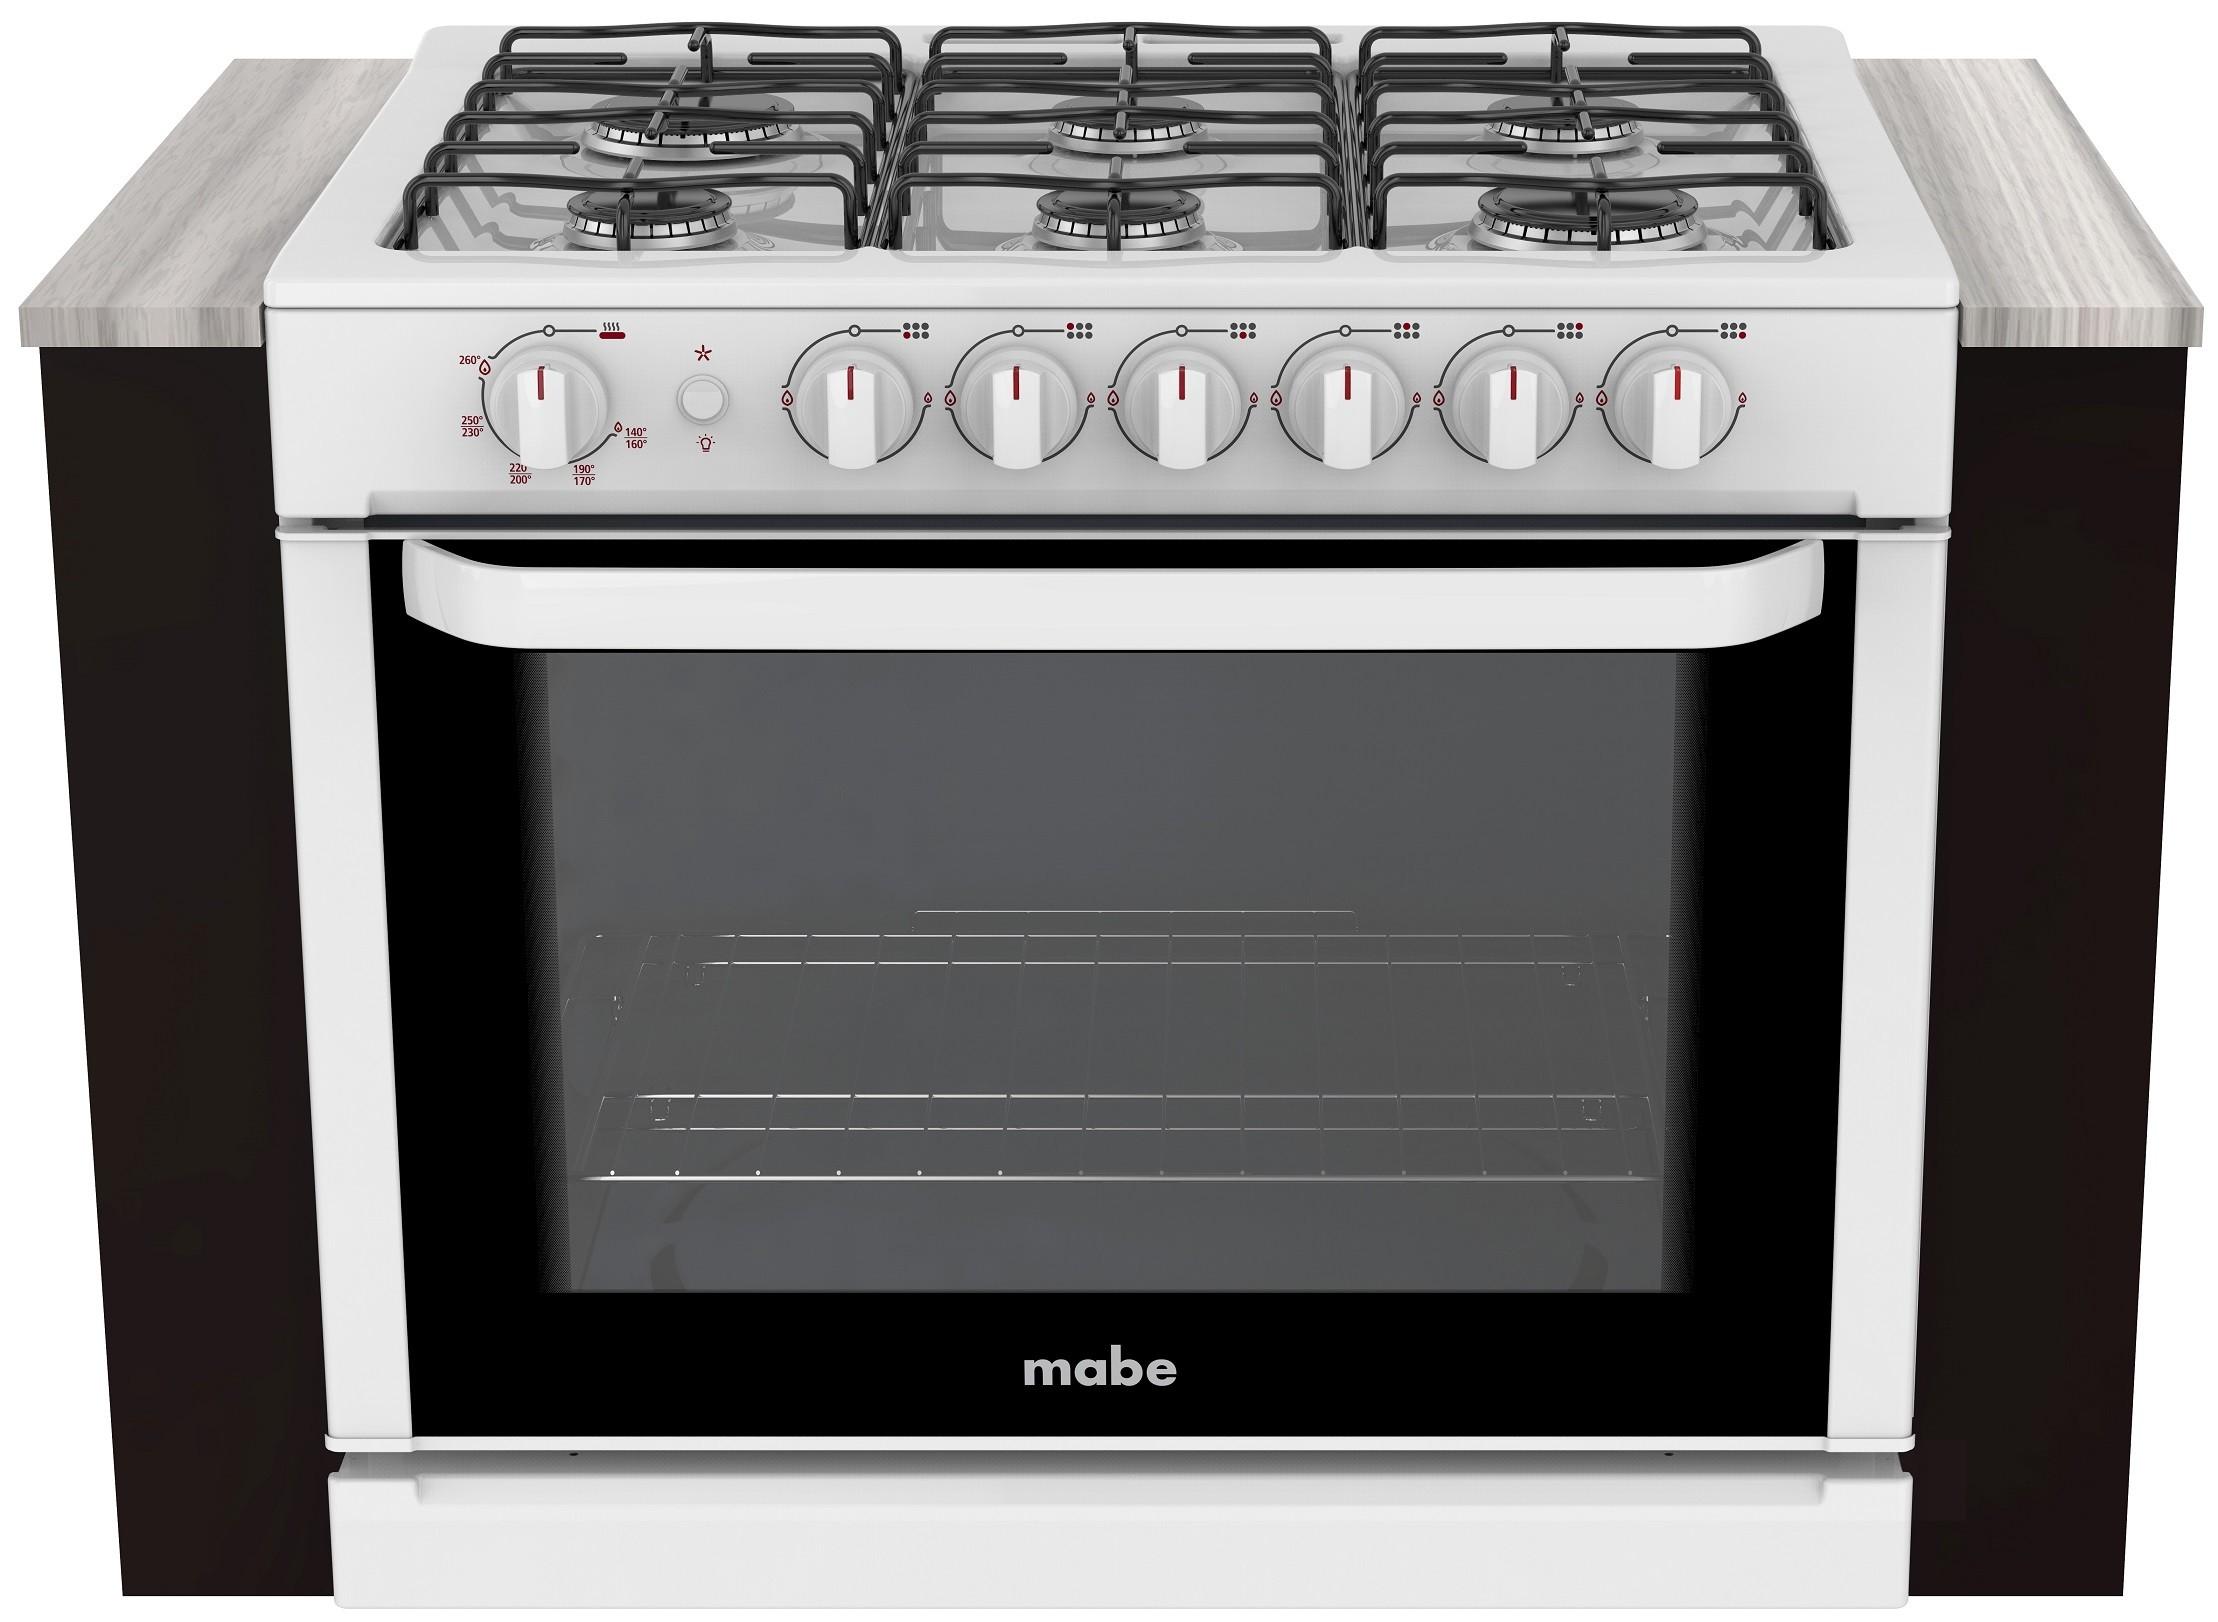 Intermuebles estufa de gas marca mabe color blanco 80cm for Estufa profesional